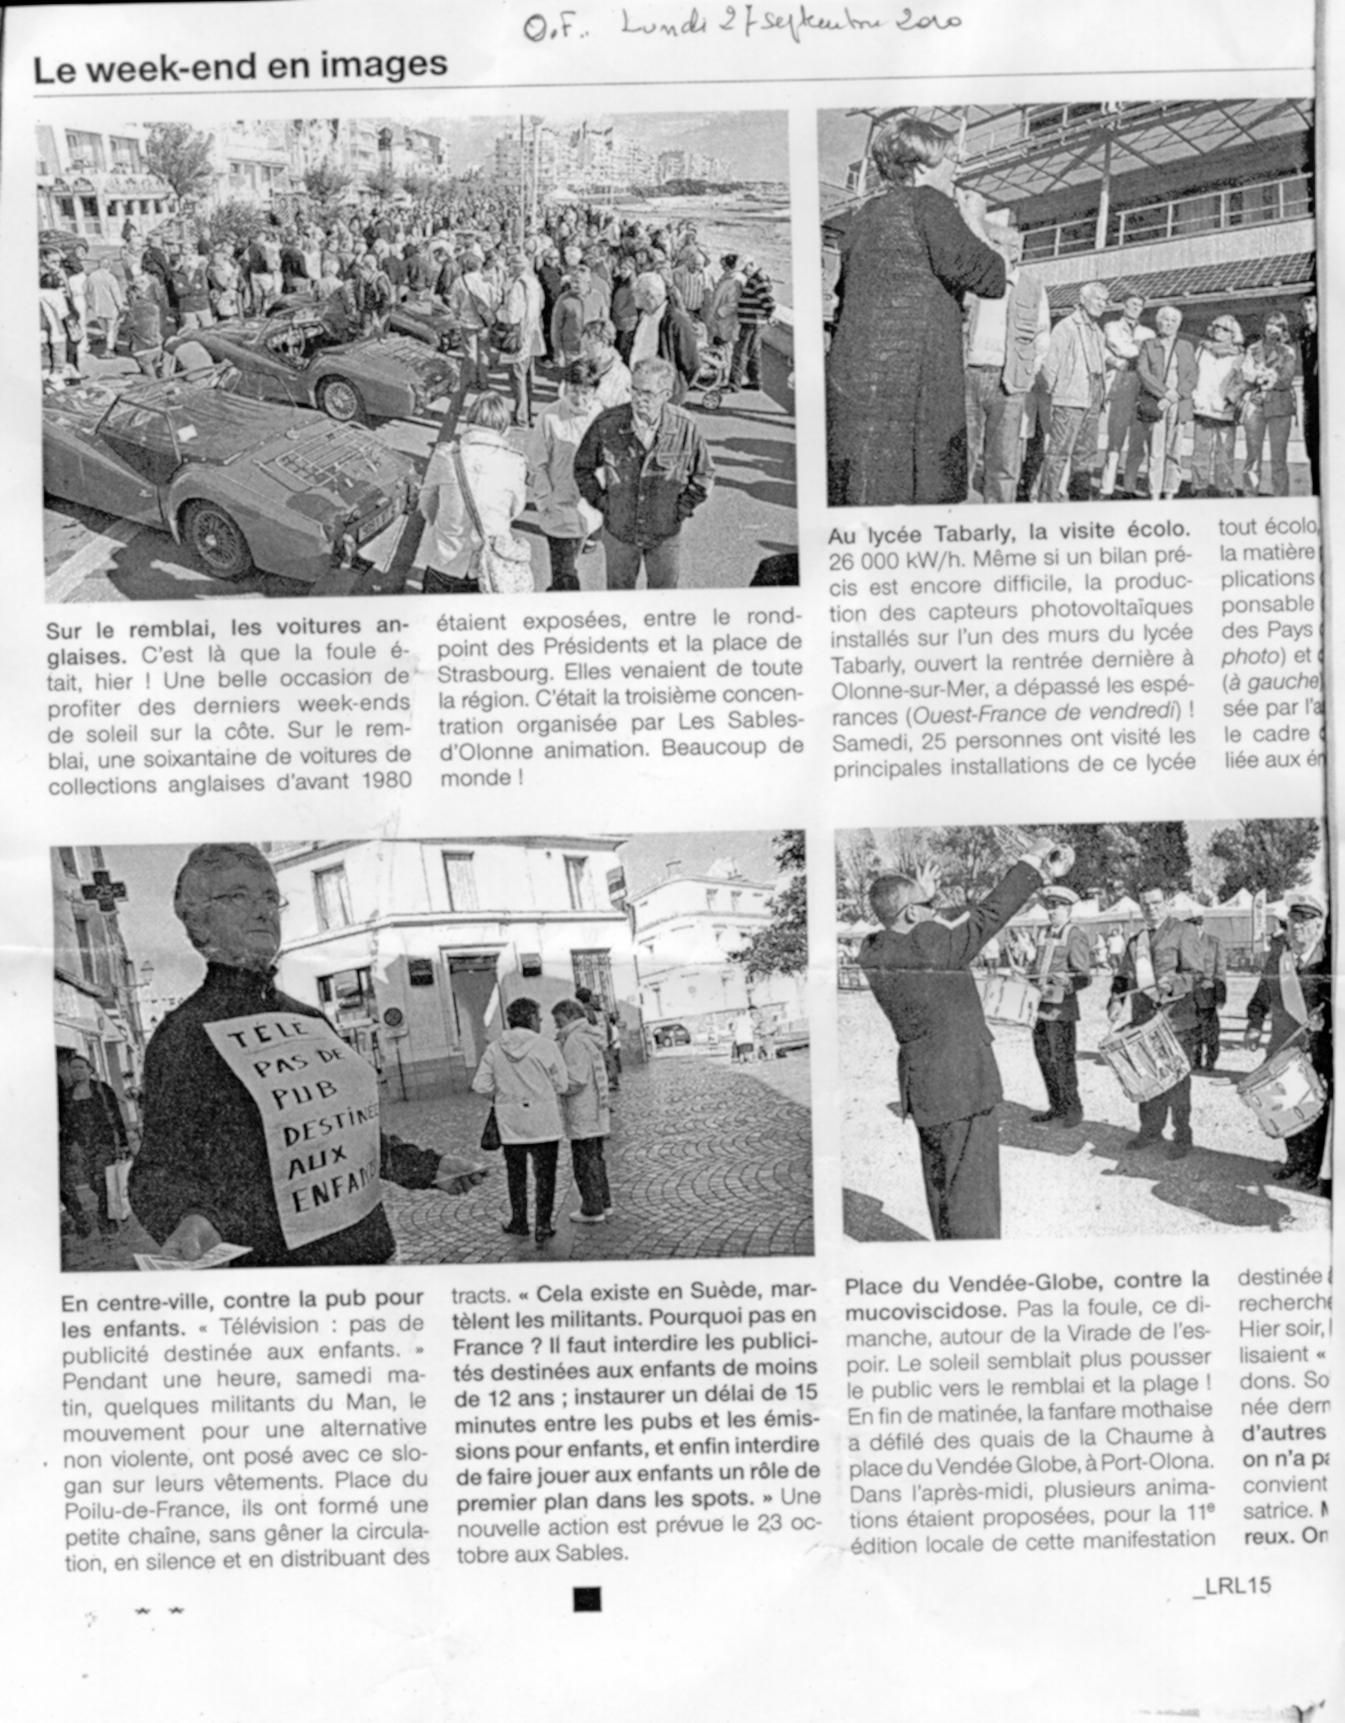 Extrait du journal Ouest France 27 septembre 2010 - Télé